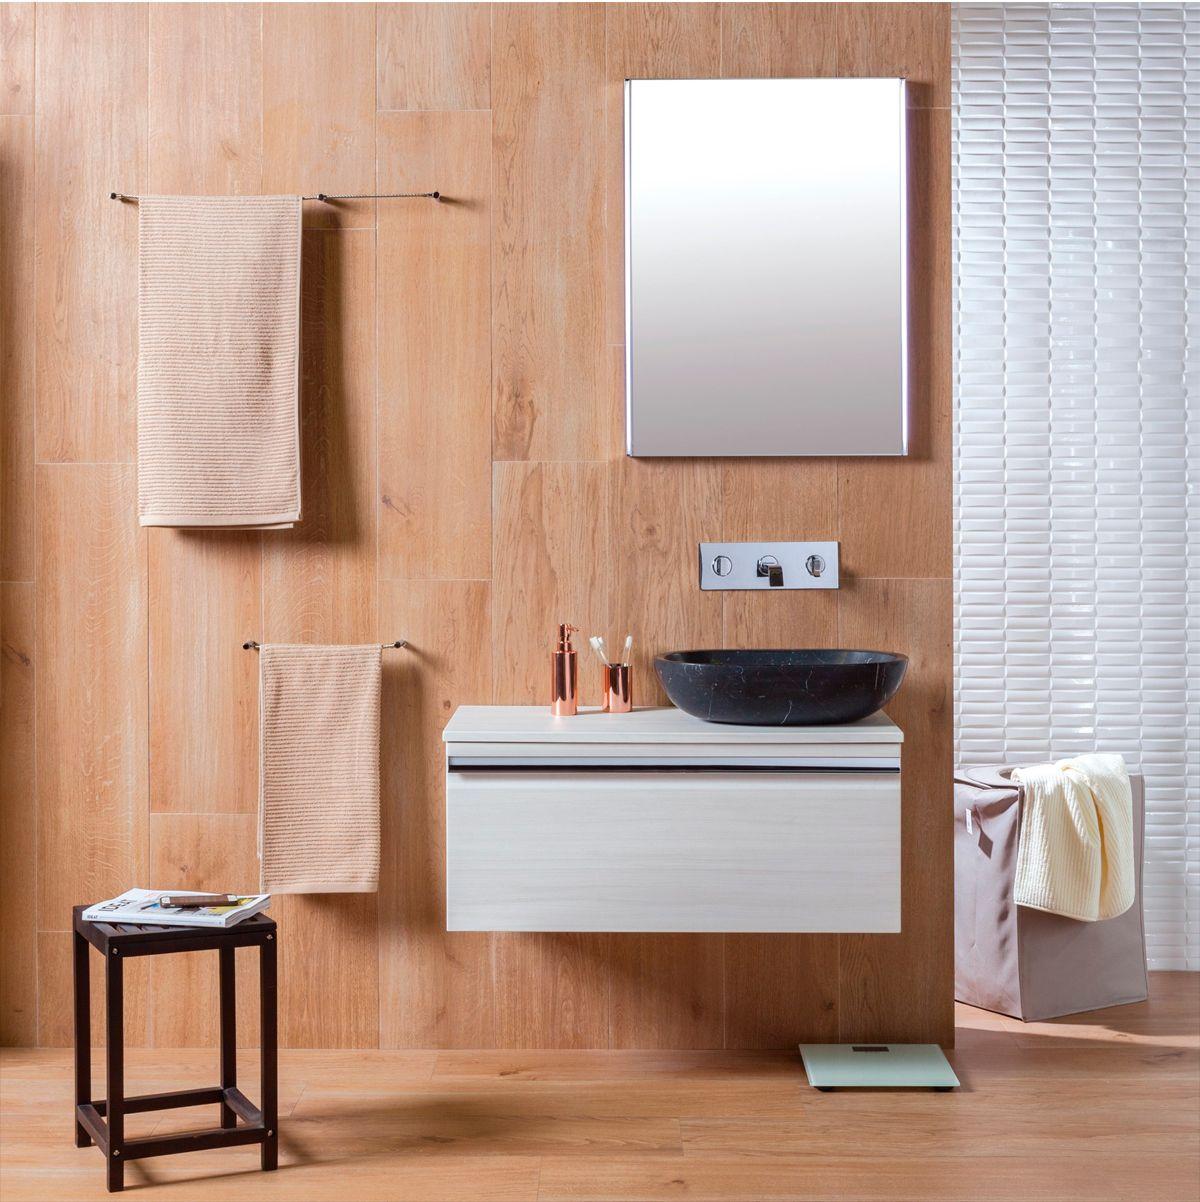 Comprar muebles de baño de diseño | Muebles de baño ...